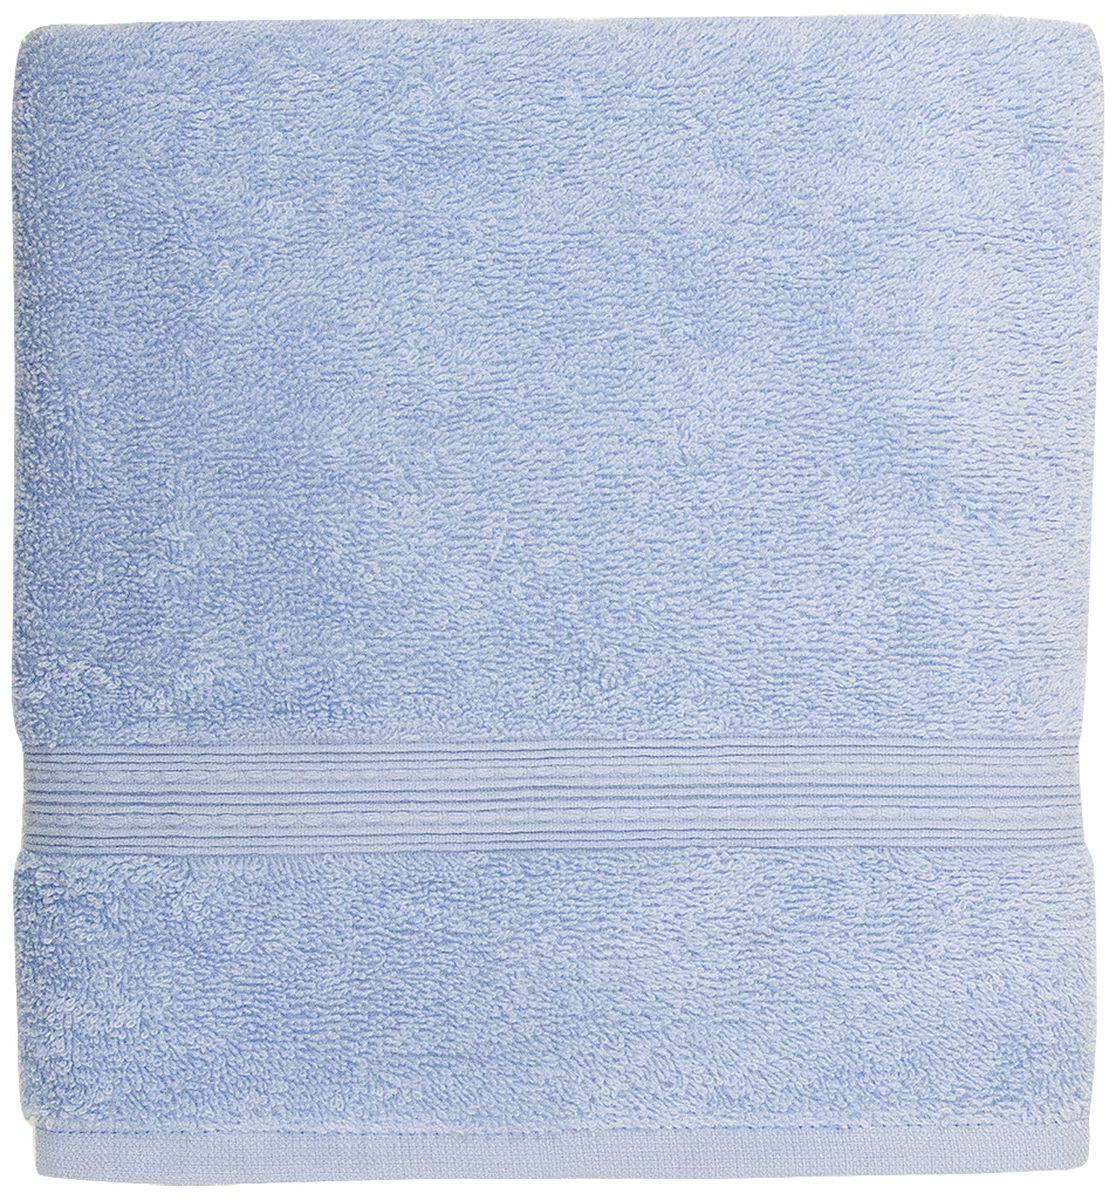 Полотенце банное Bonita Classic, цвет: азур, 70 х 140 см1011217222Банное полотенце Bonita Classic выполнено из 100% хлопка. Изделие отлично впитывает влагу, быстро сохнет, сохраняет яркость цвета и не теряет форму даже после многократных стирок. Такое полотенце очень практично и неприхотливо в уходе. Оно создаст прекрасное настроение и украсит интерьер в ванной комнате.